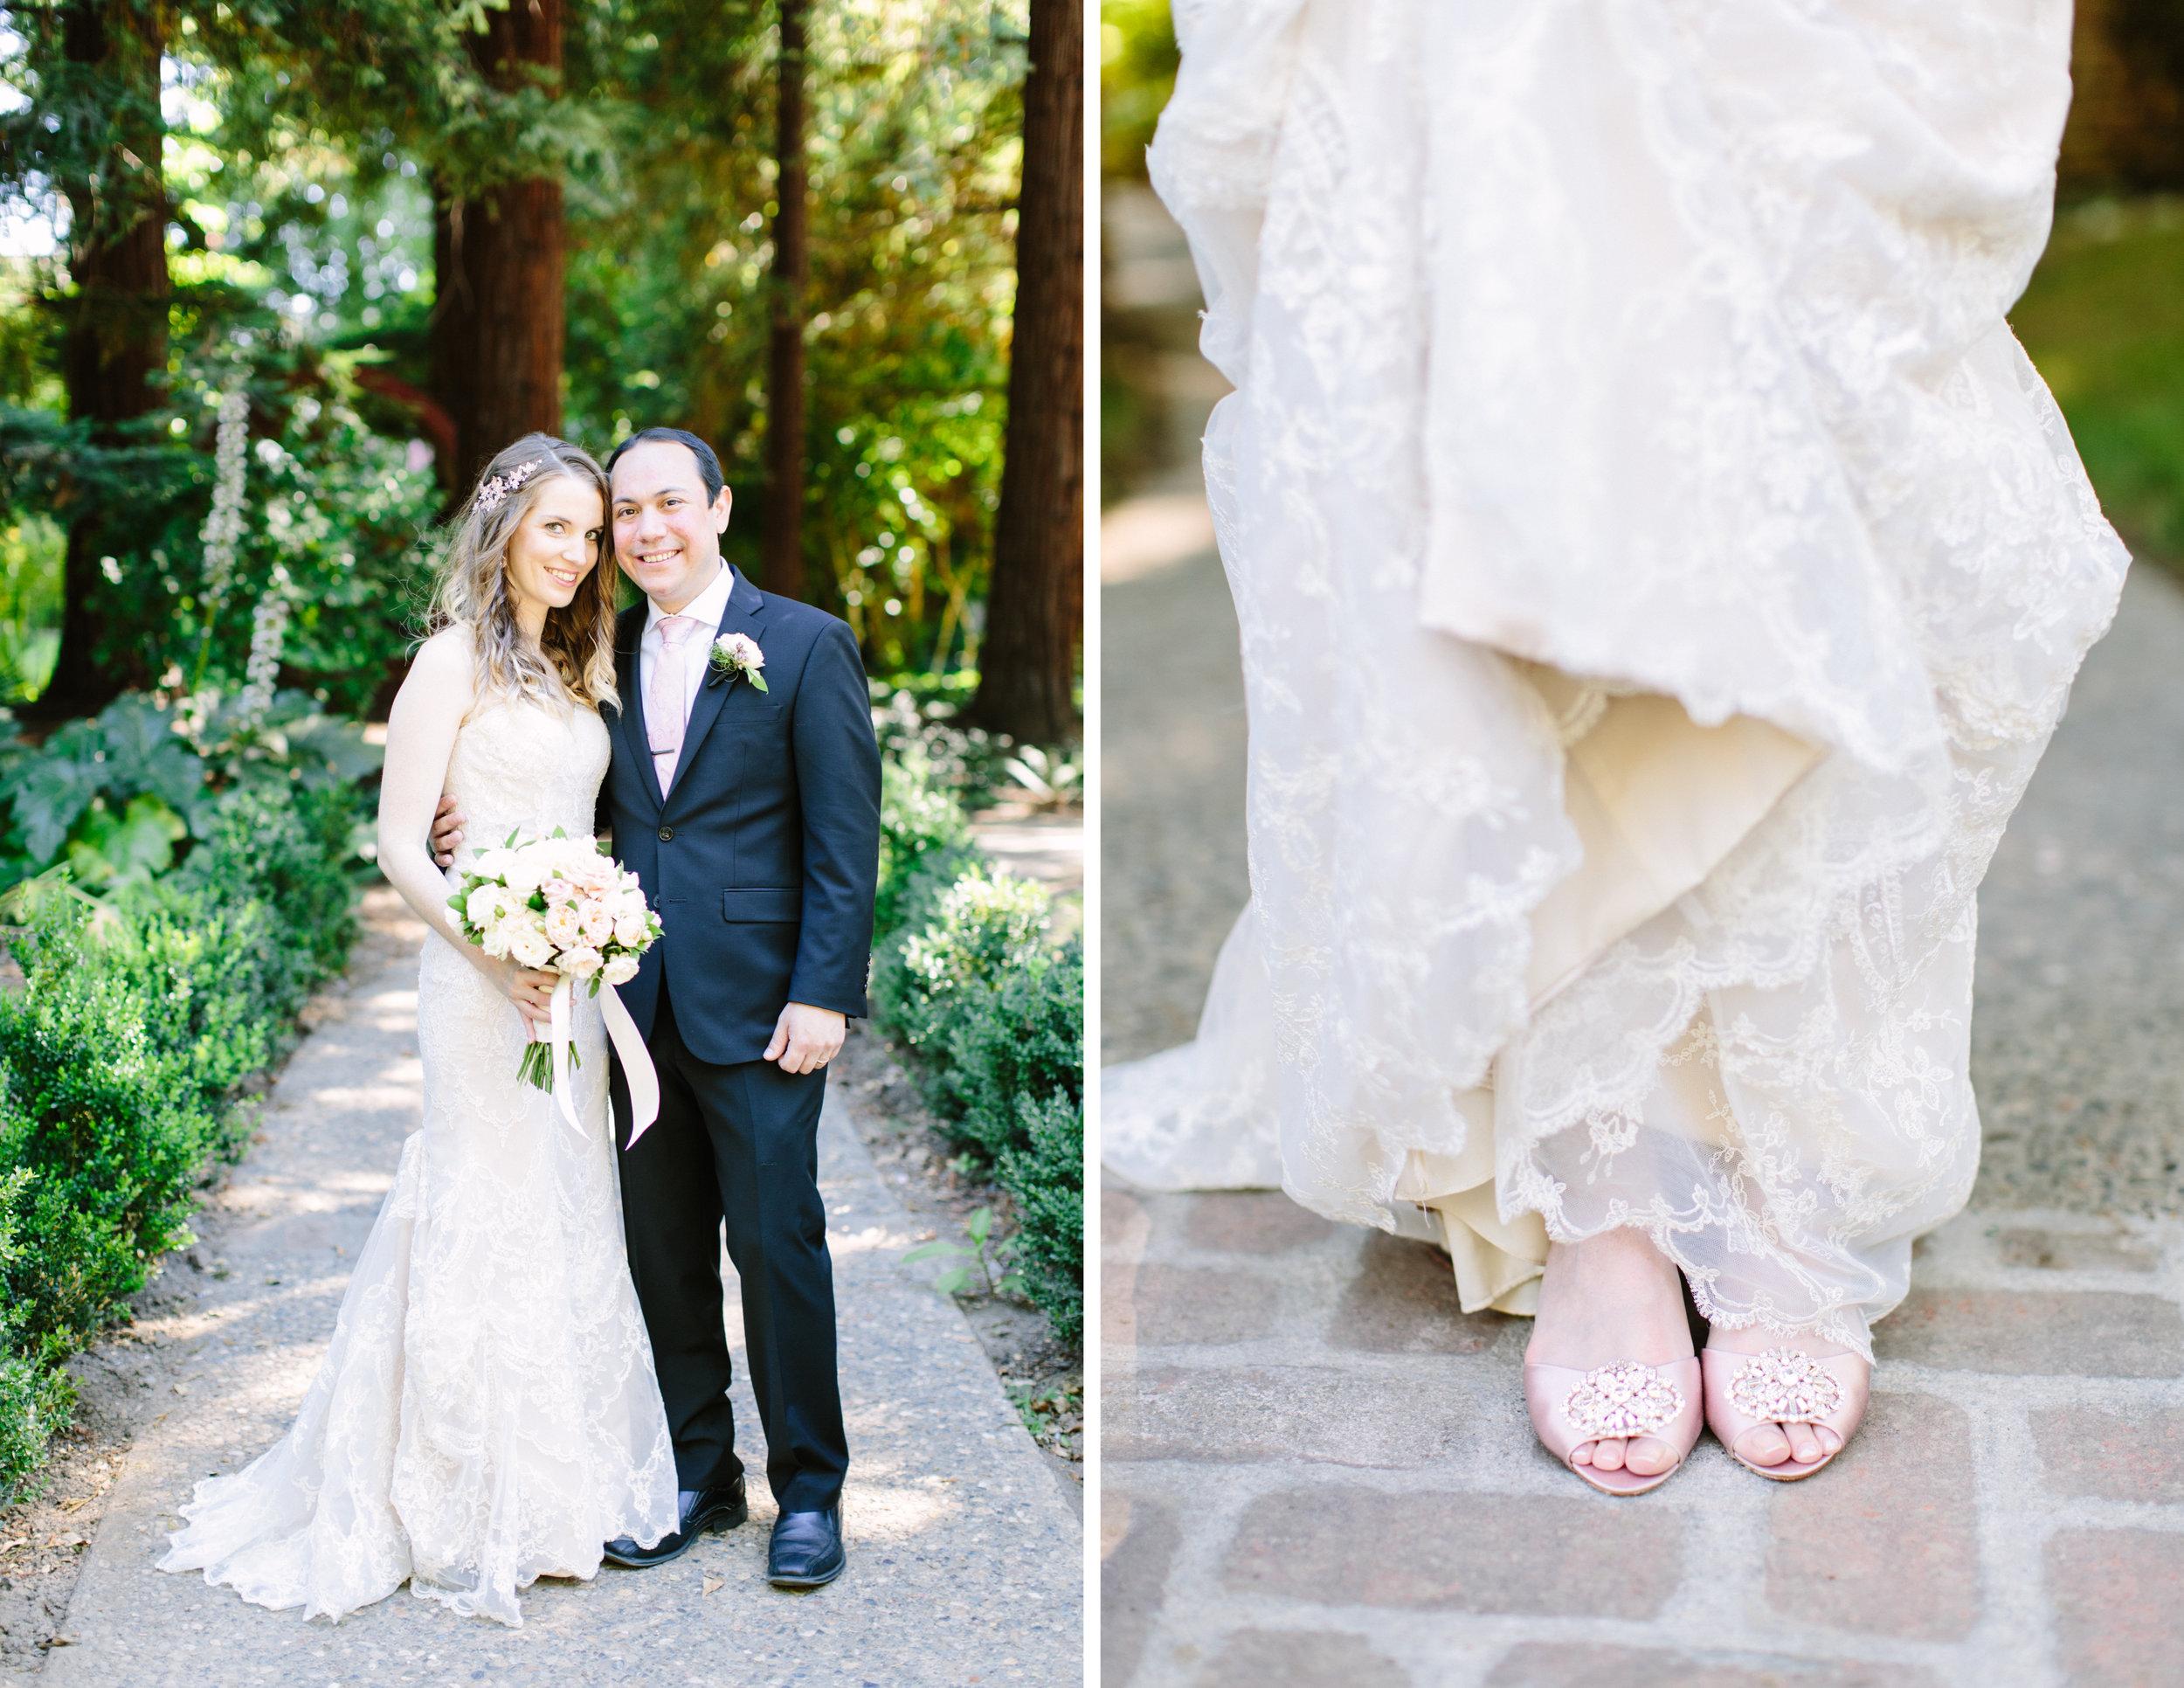 harvest inn elopement wedding 10.jpg